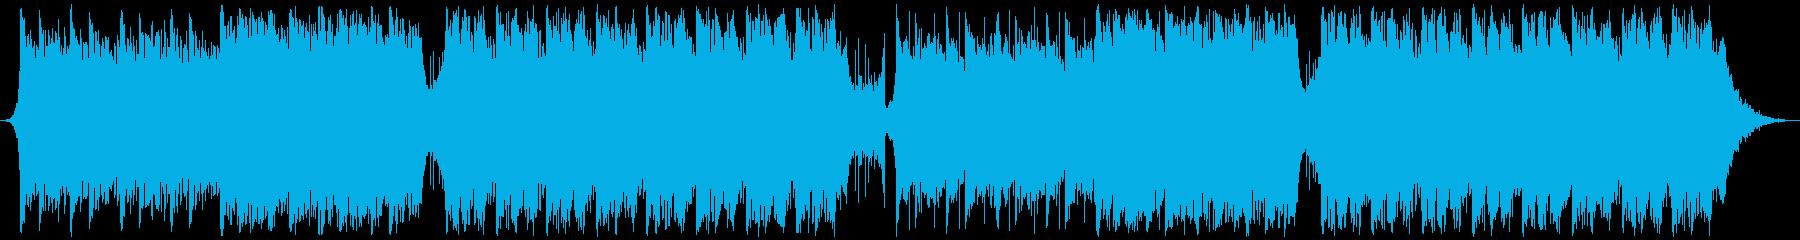 現代的 交響曲 実験的な 広い 壮...の再生済みの波形